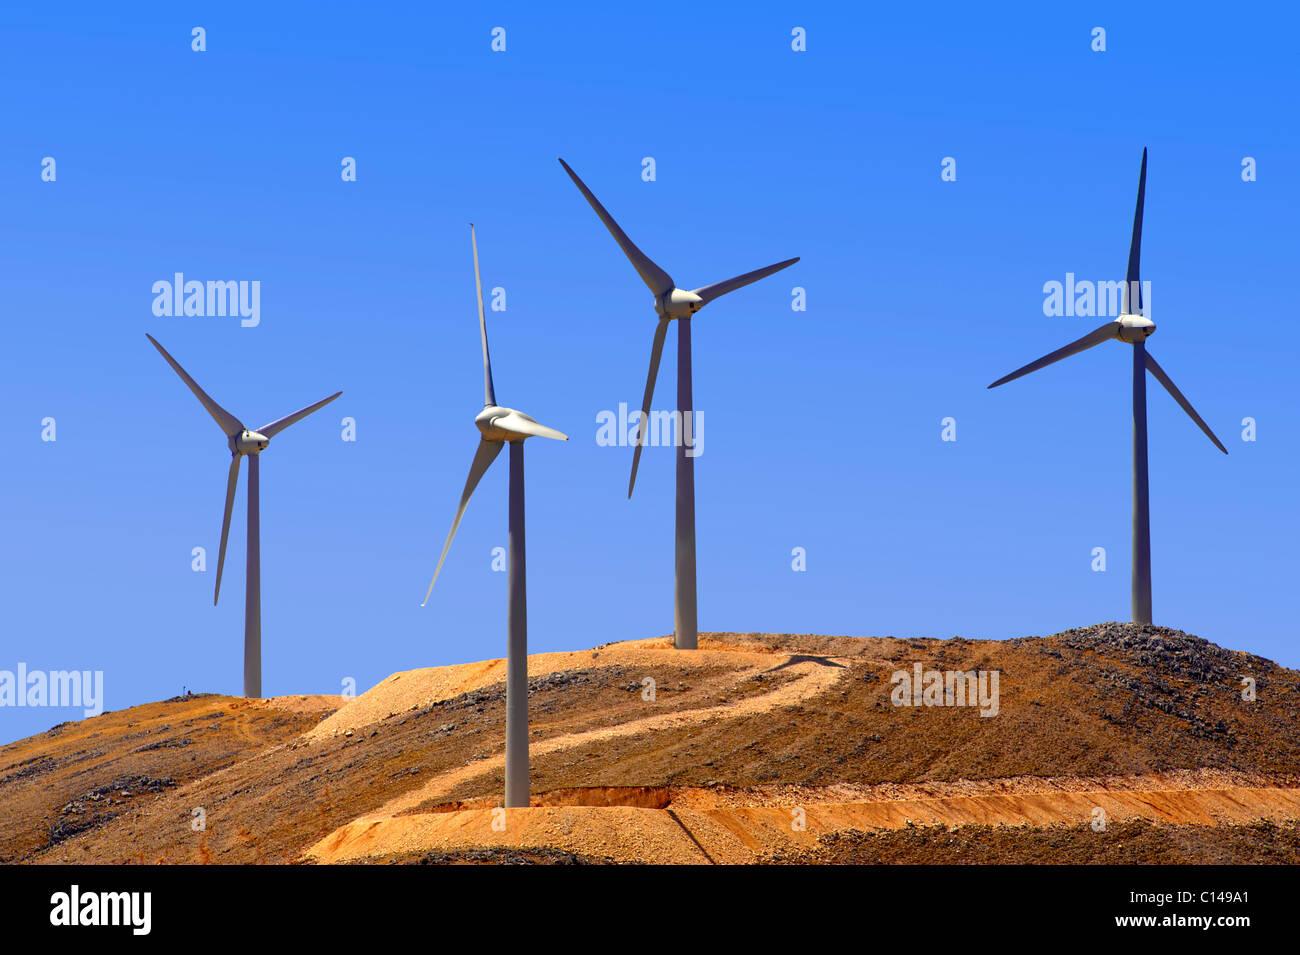 Parque eólico en Cefalonia, las Islas Jónicas, Grecia. Imagen De Stock